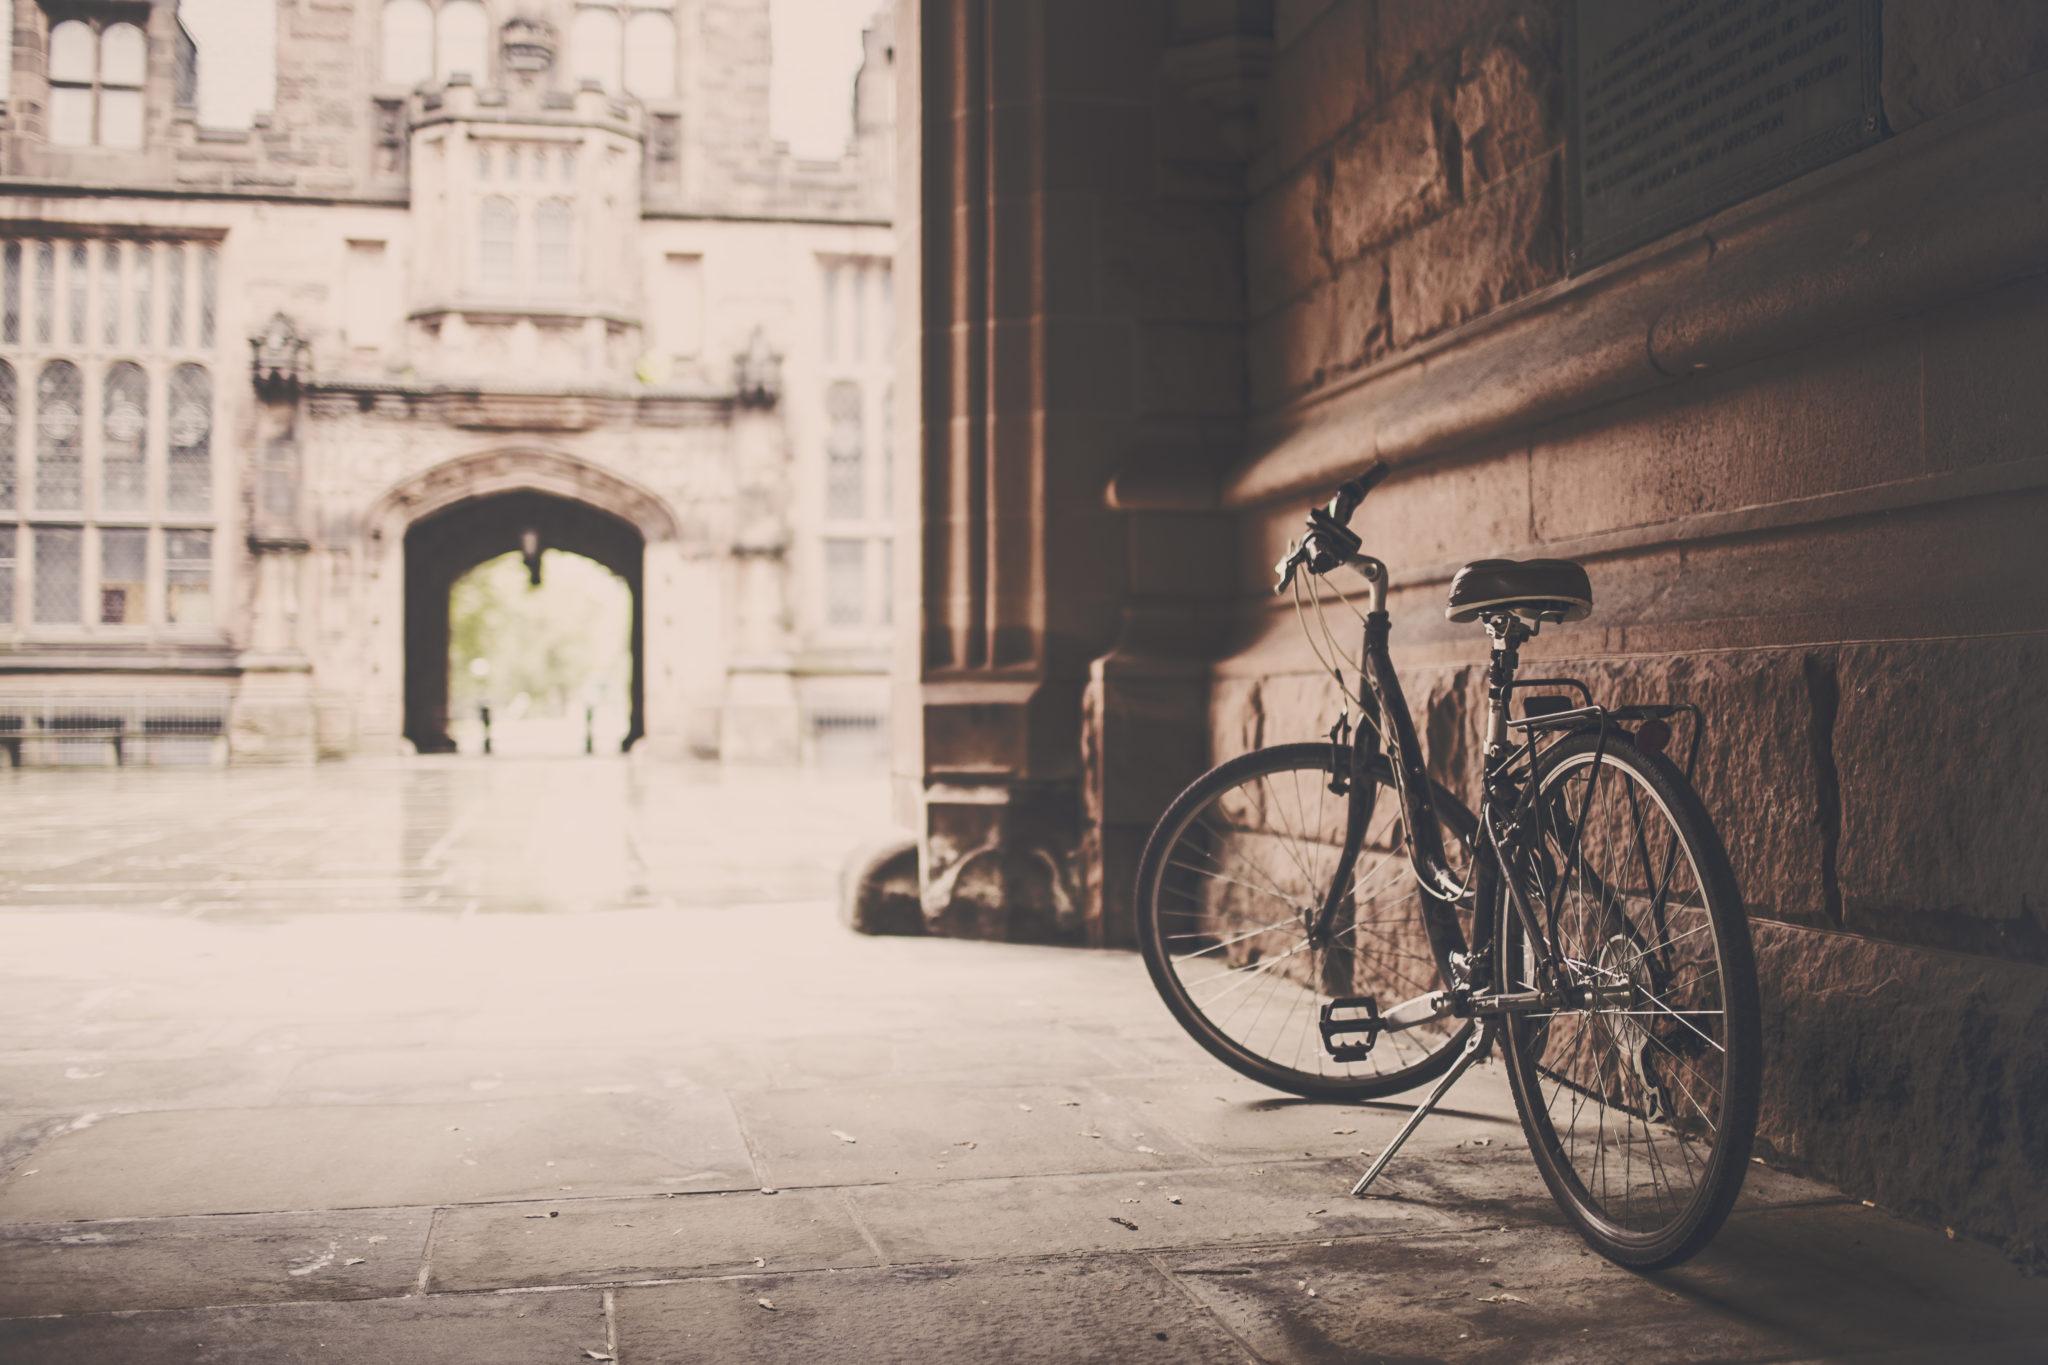 bicycle on sidewalk